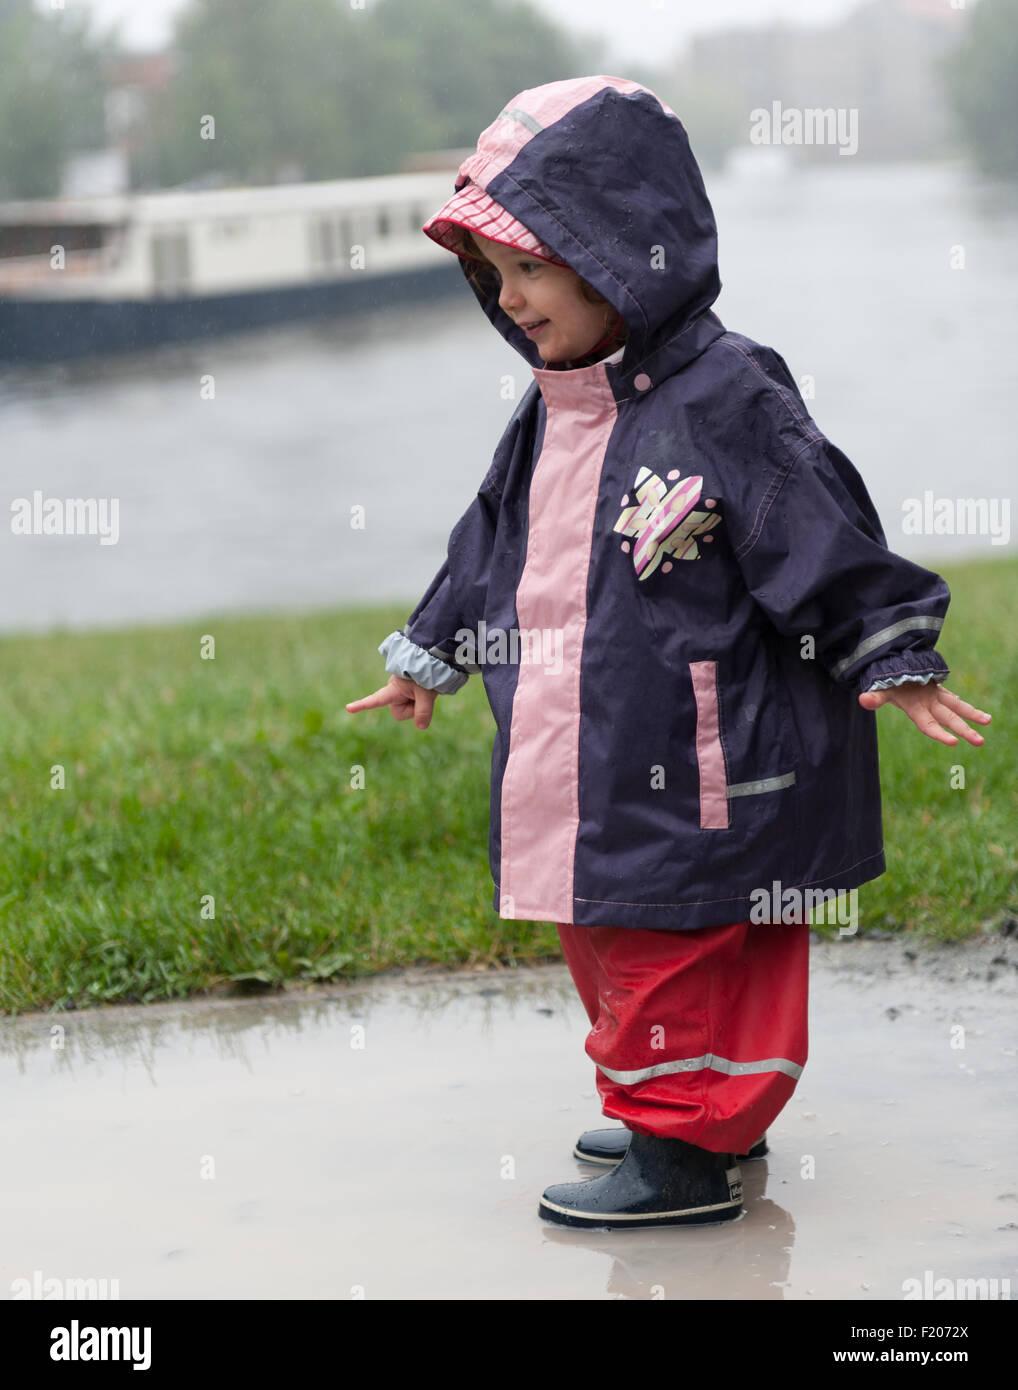 Kleinkind steht bei Regen in einer Pfütze - Stock Image